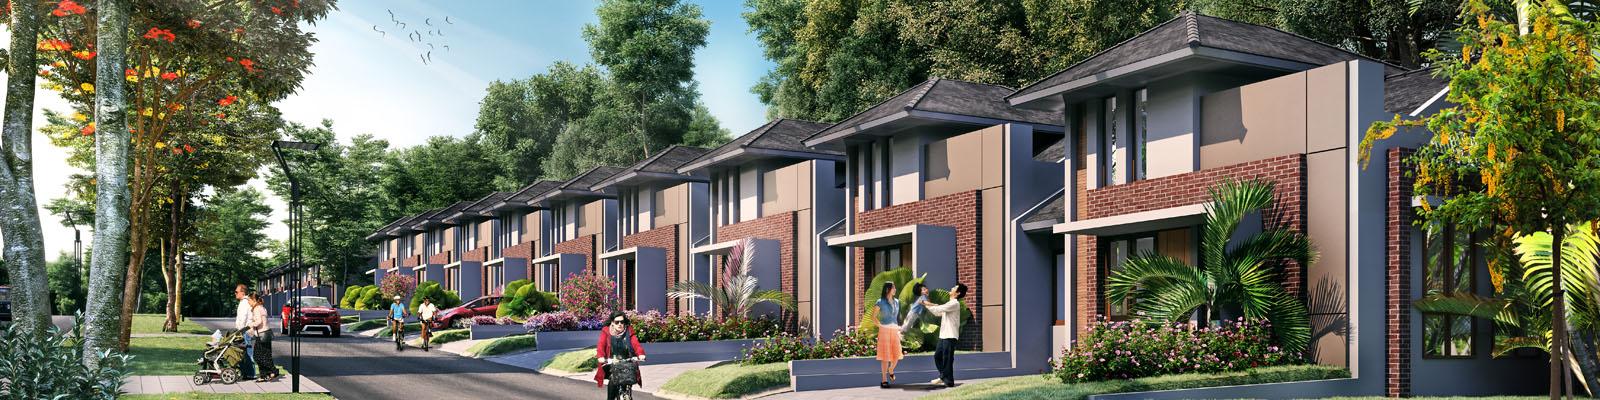 Citra Sentul Raya Harga Rumah 1 Lantai 649 Juta